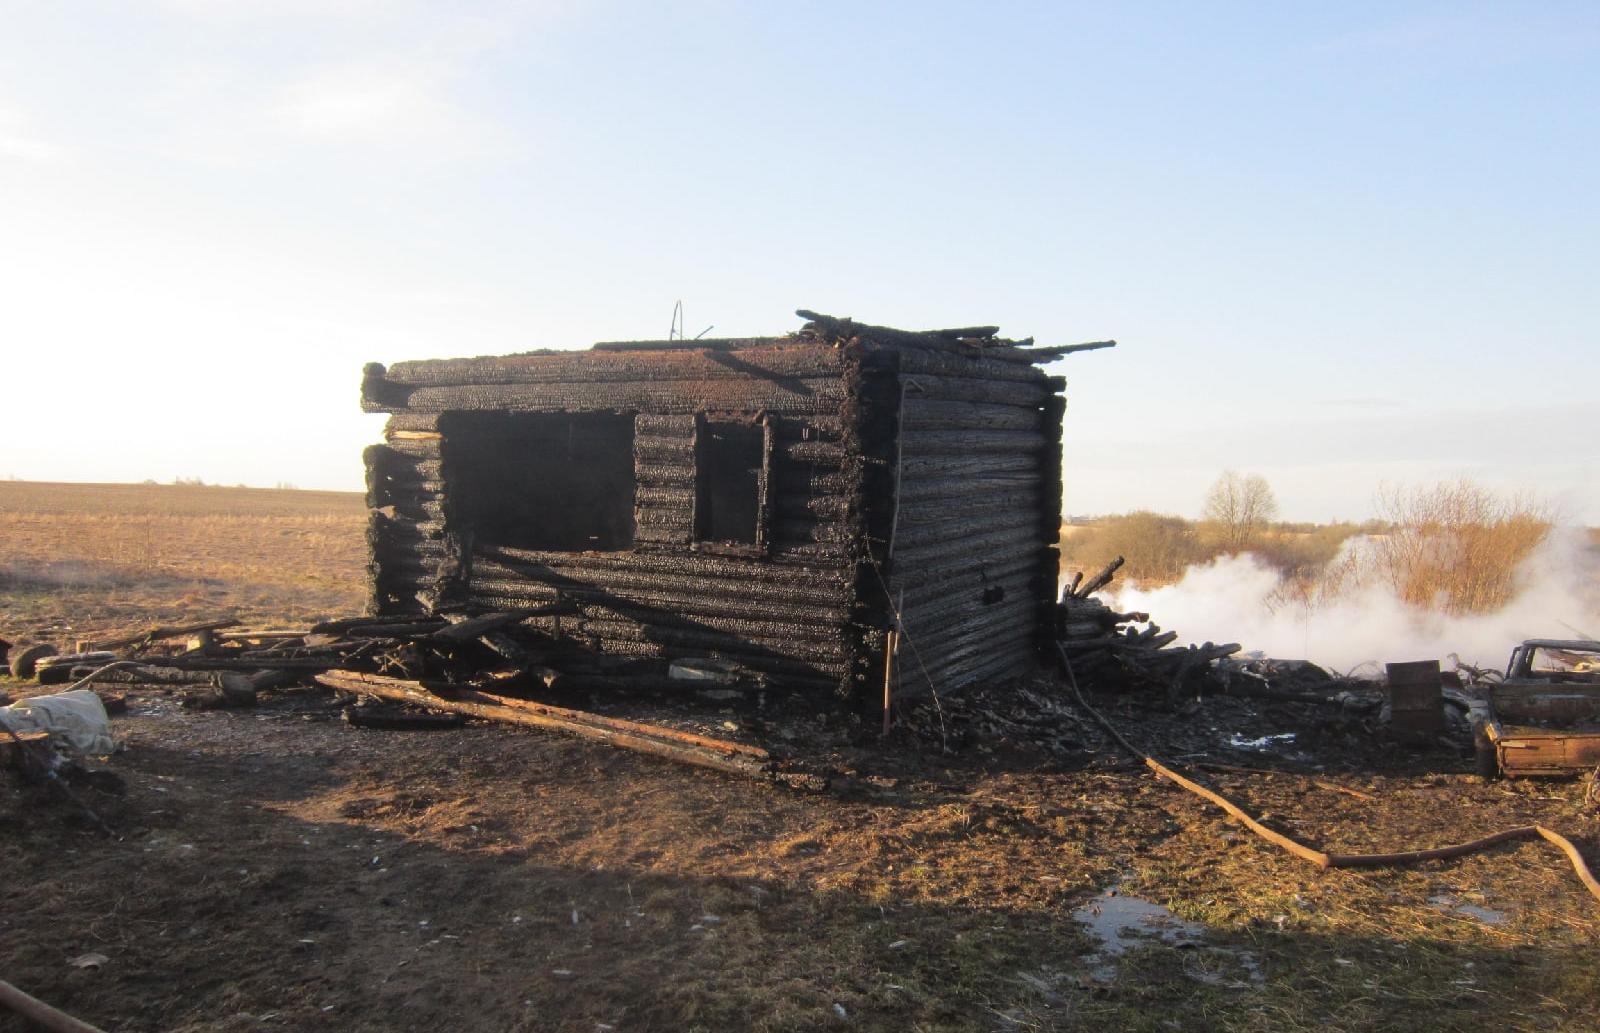 Следователи опрашивают жителей деревни Тверской области, где в огне пожара погибли два человека - новости Афанасий